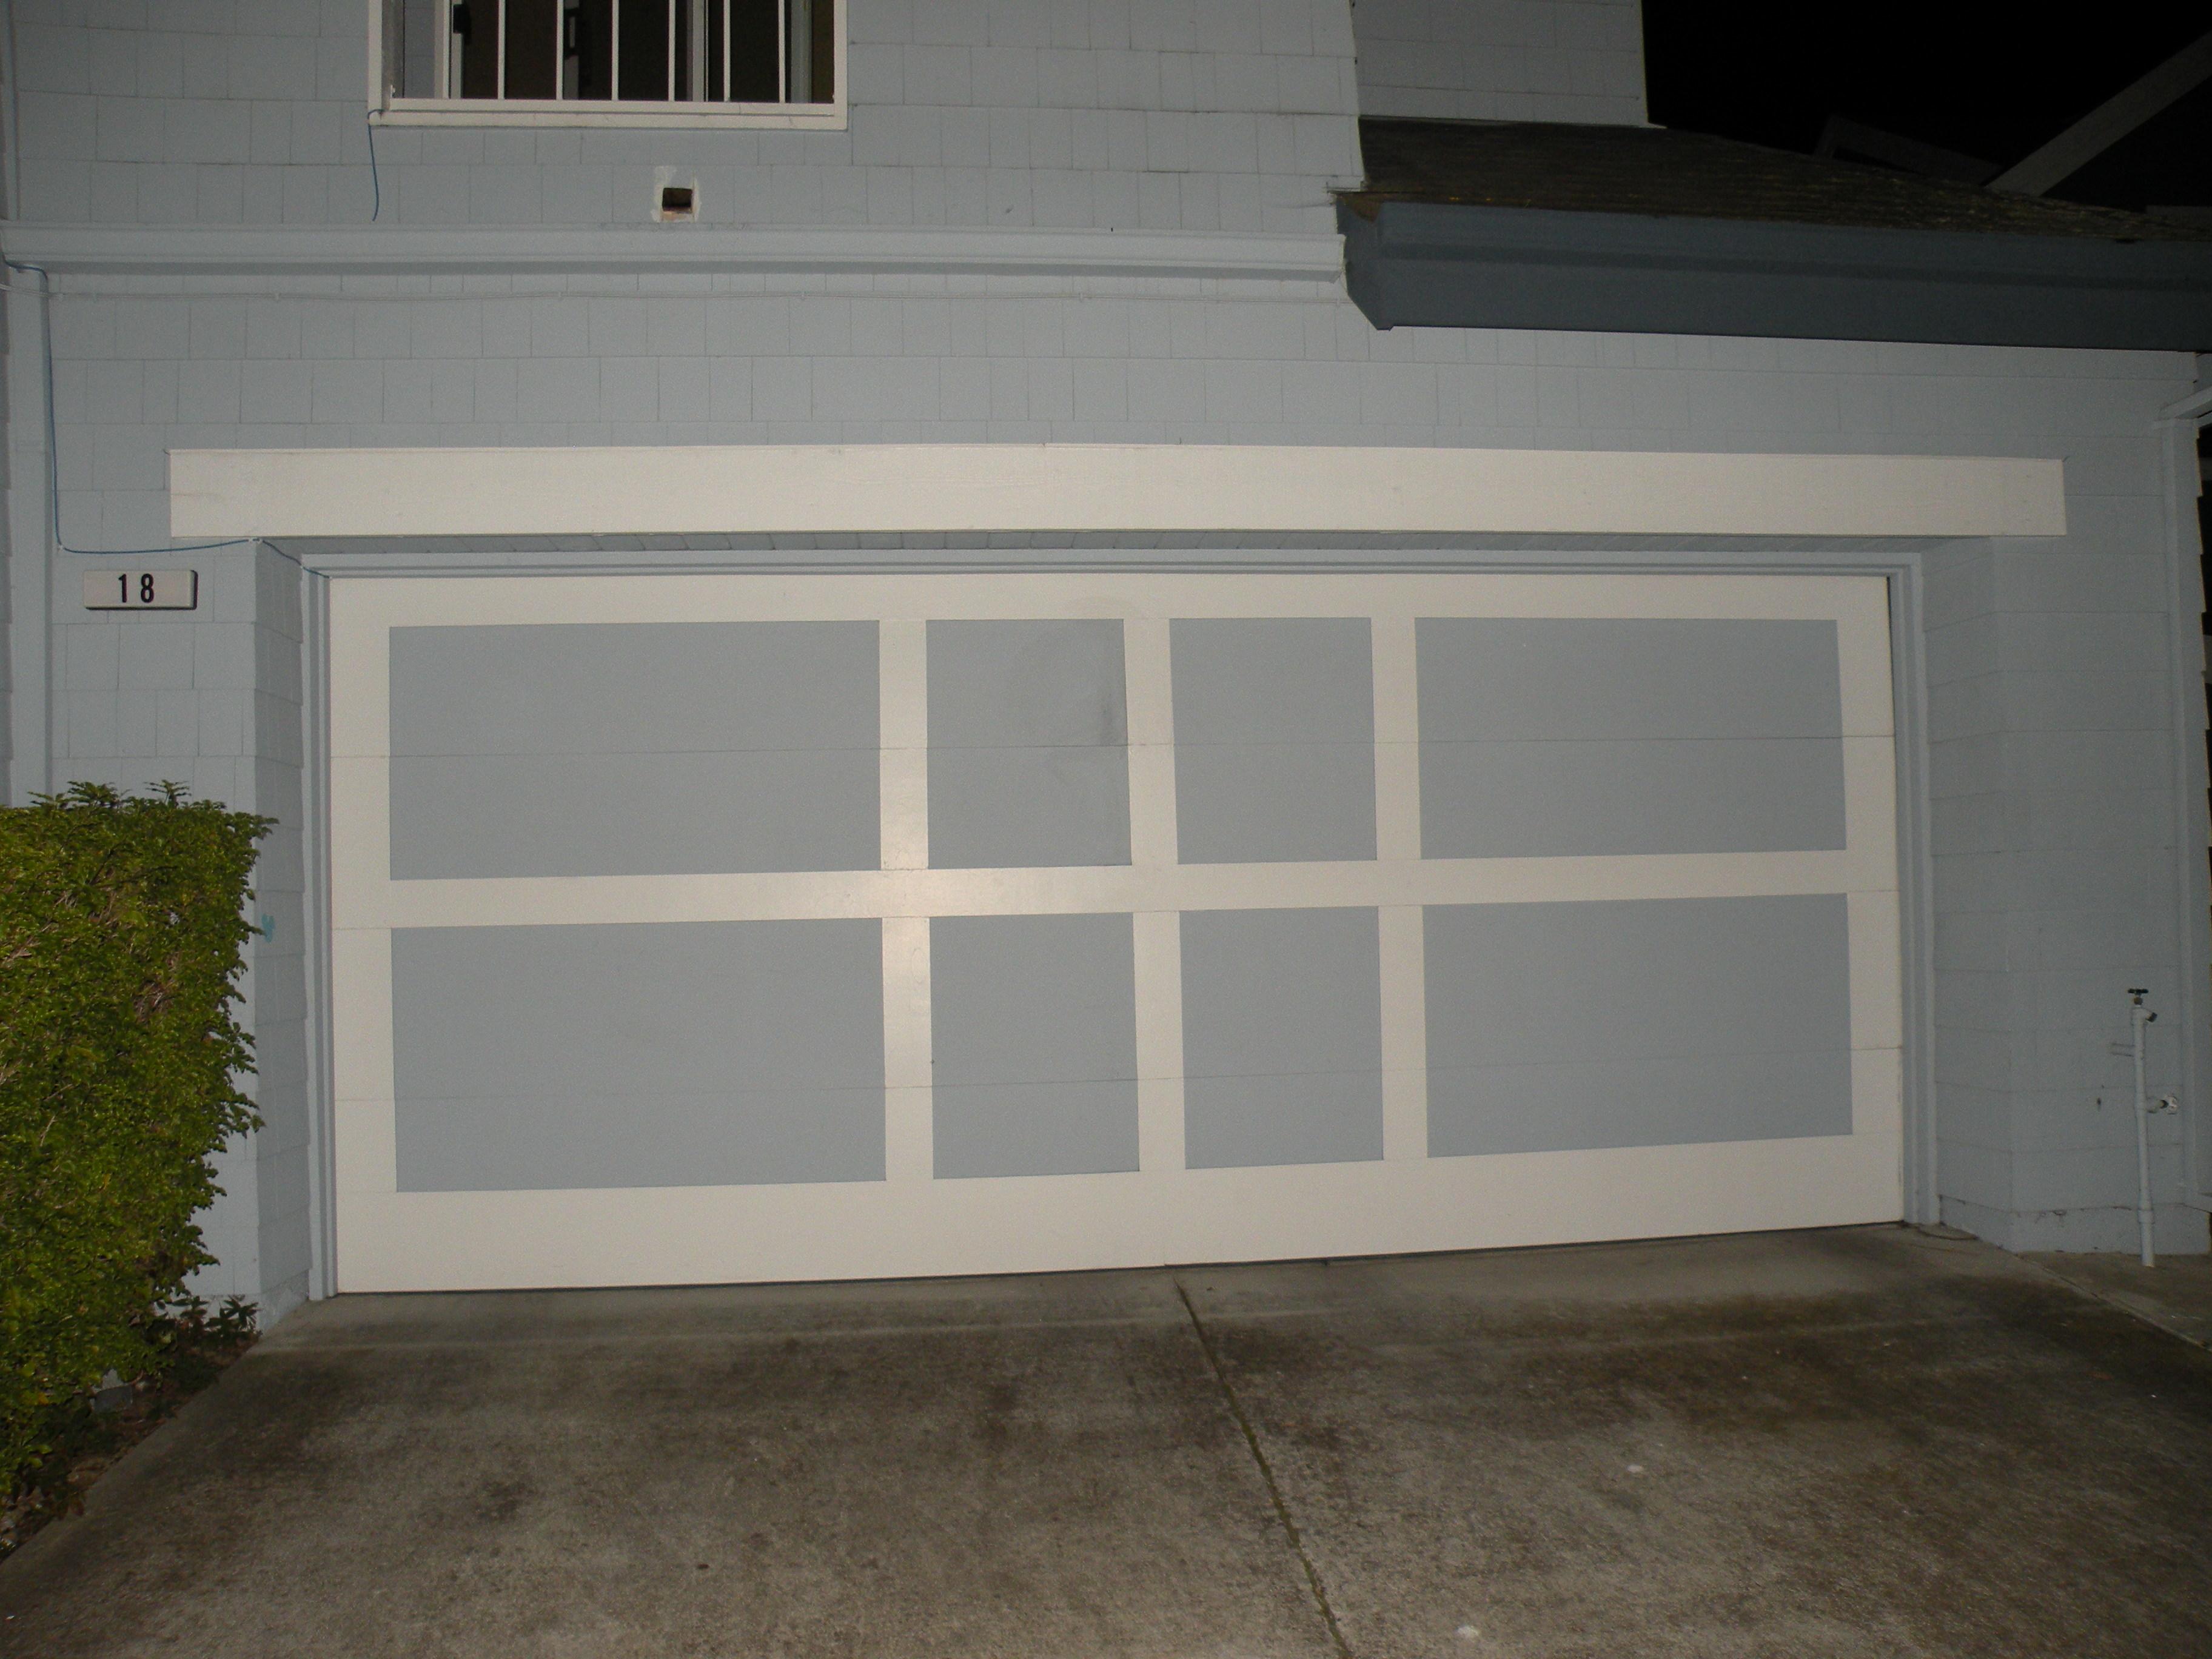 911 garage door repair san jose coupons near me in san for Garage door repair san jose ca